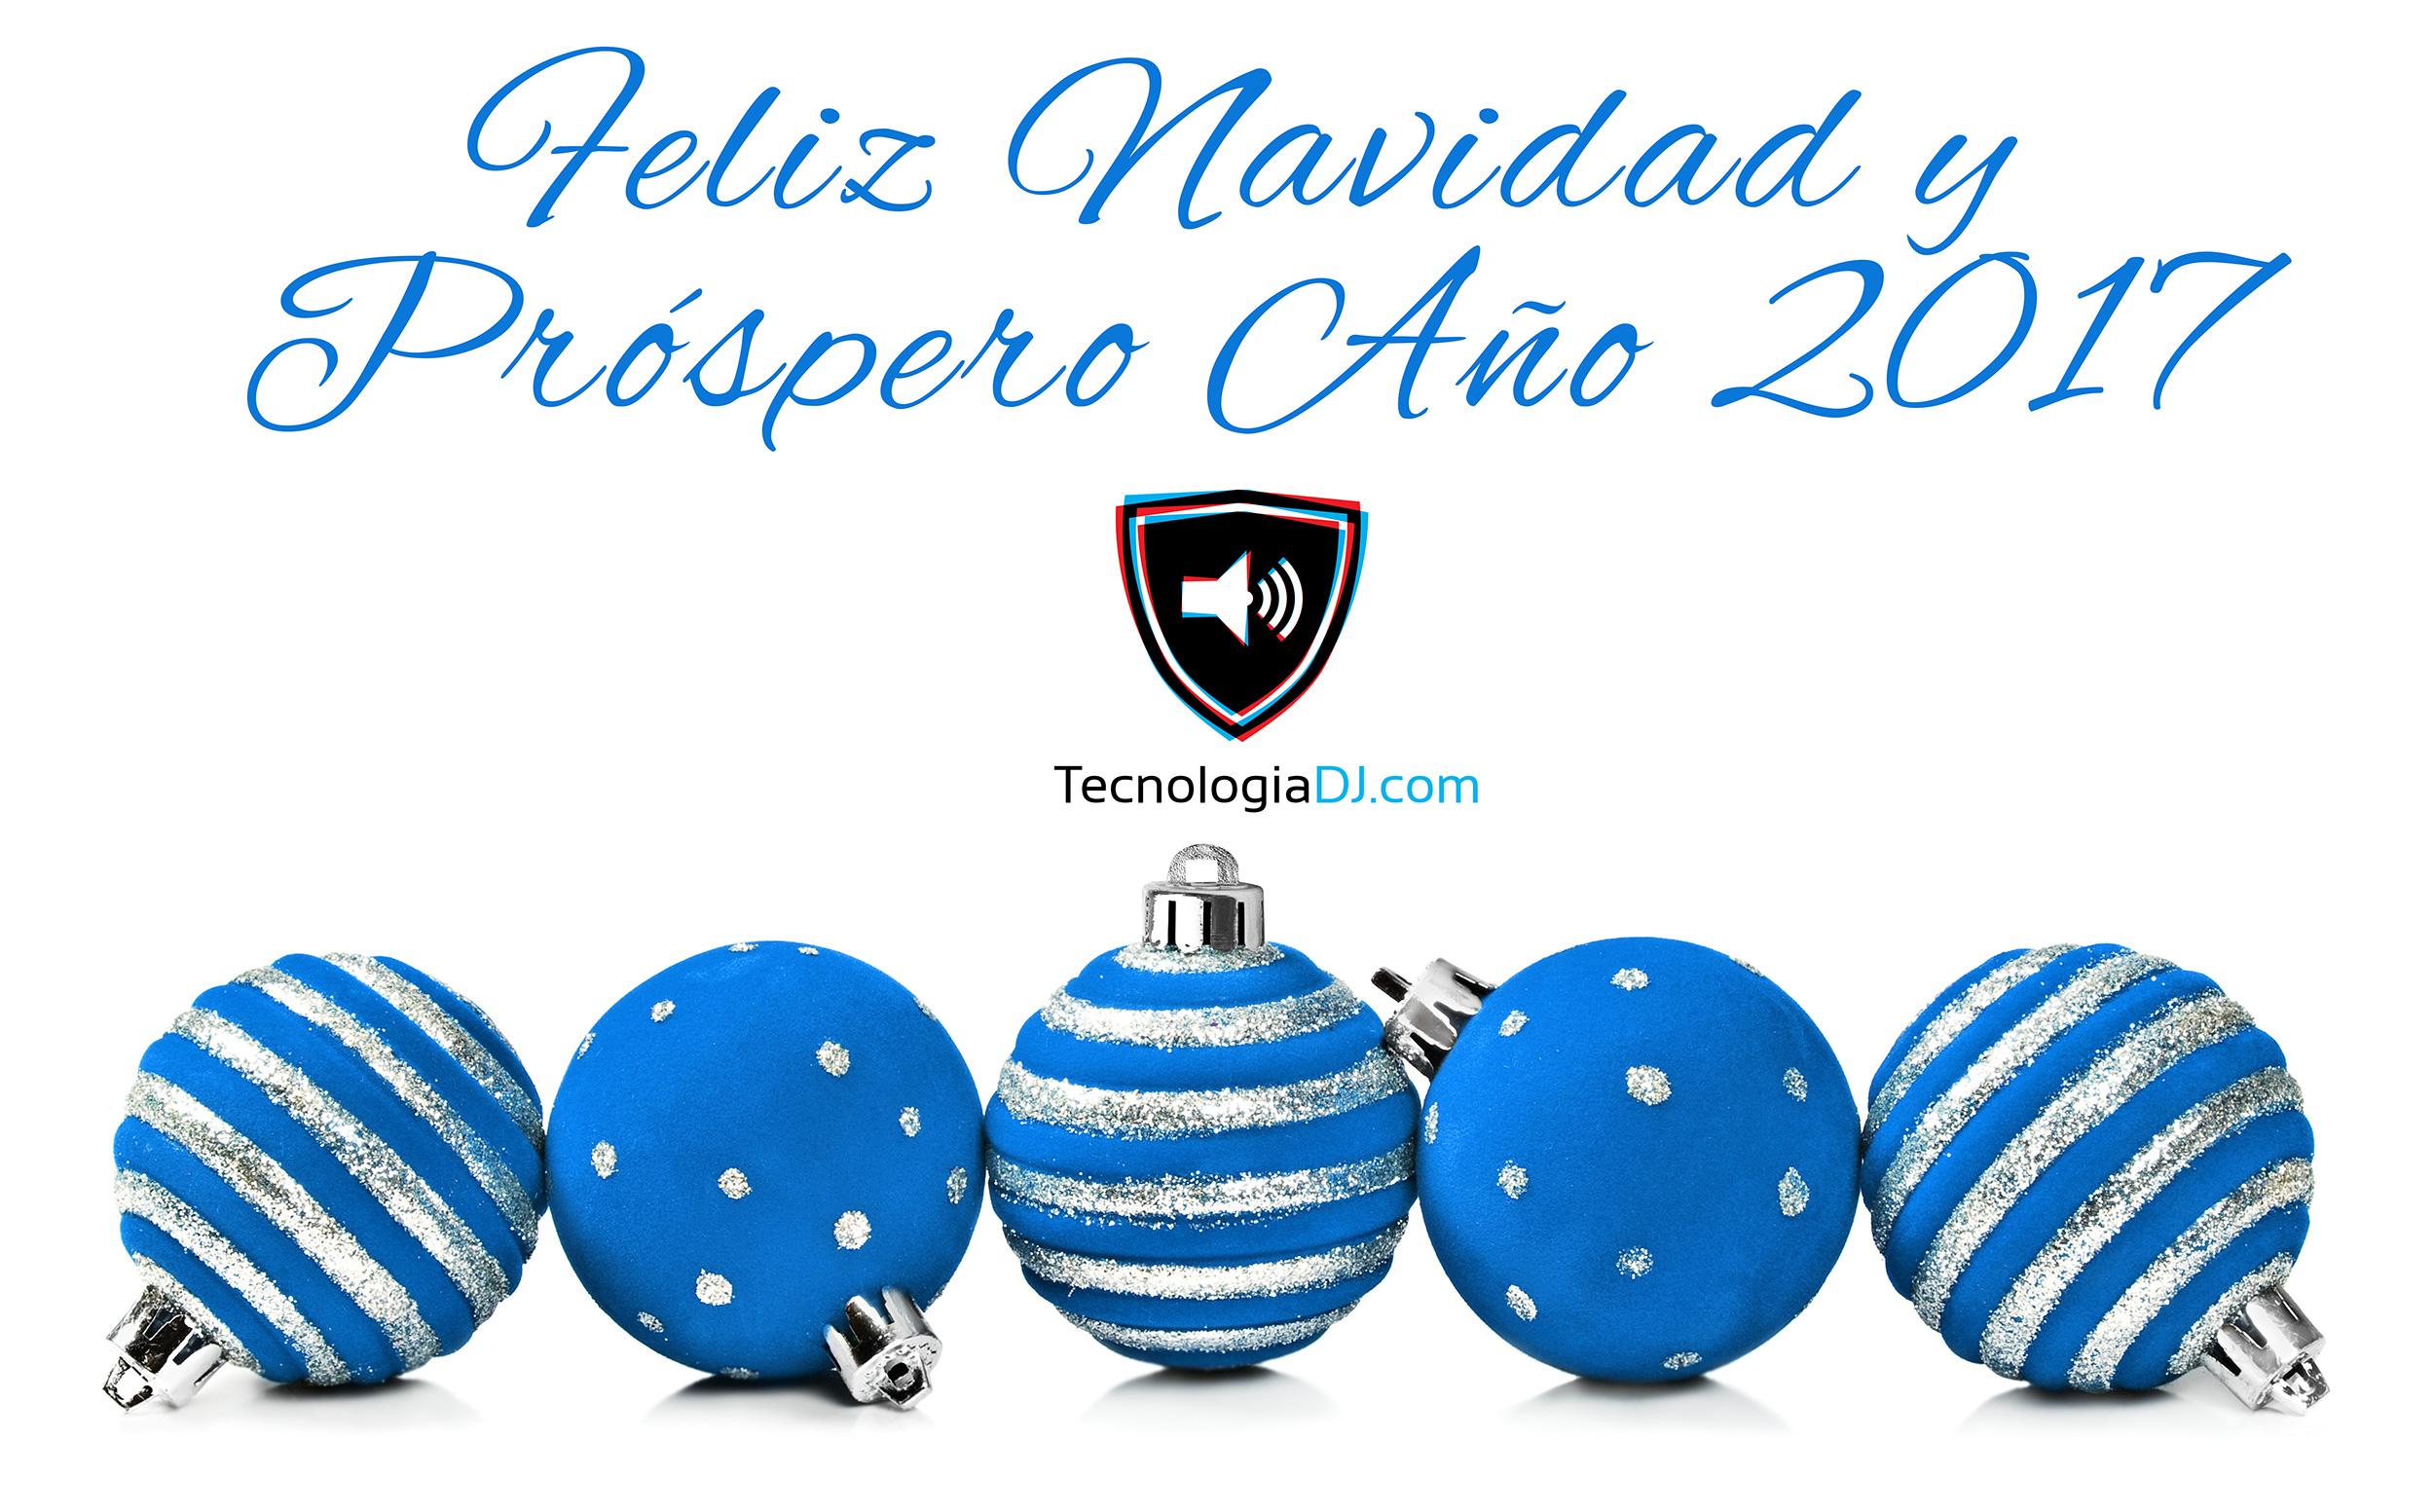 TecnologiaDJ.com te desea una Feliz Navidad y un Próspero Año 2017